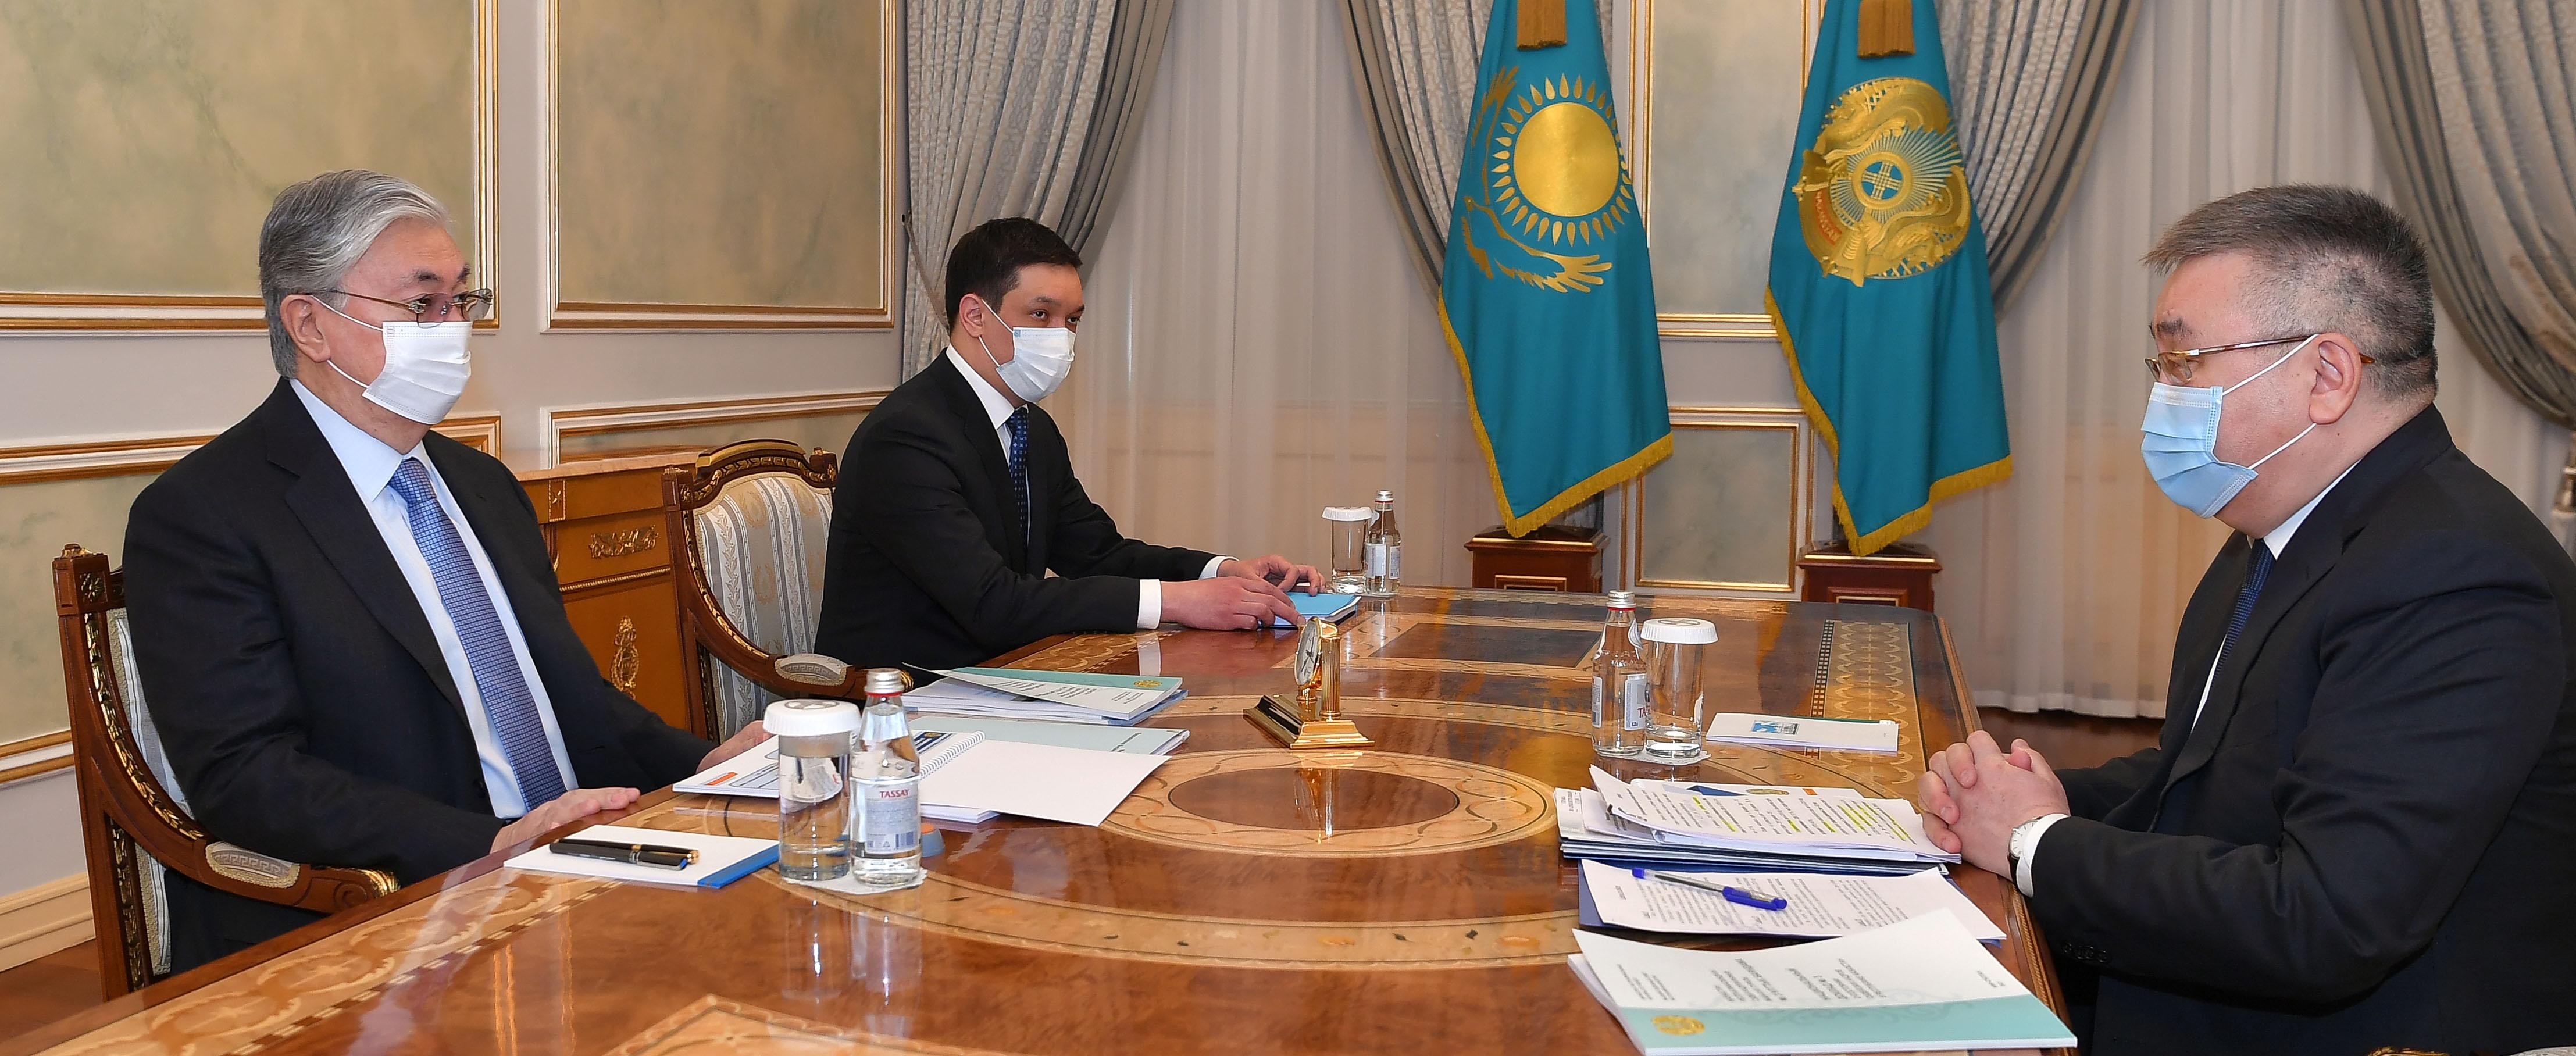 Президент Казахстана принял председателя Высшего судебного совета